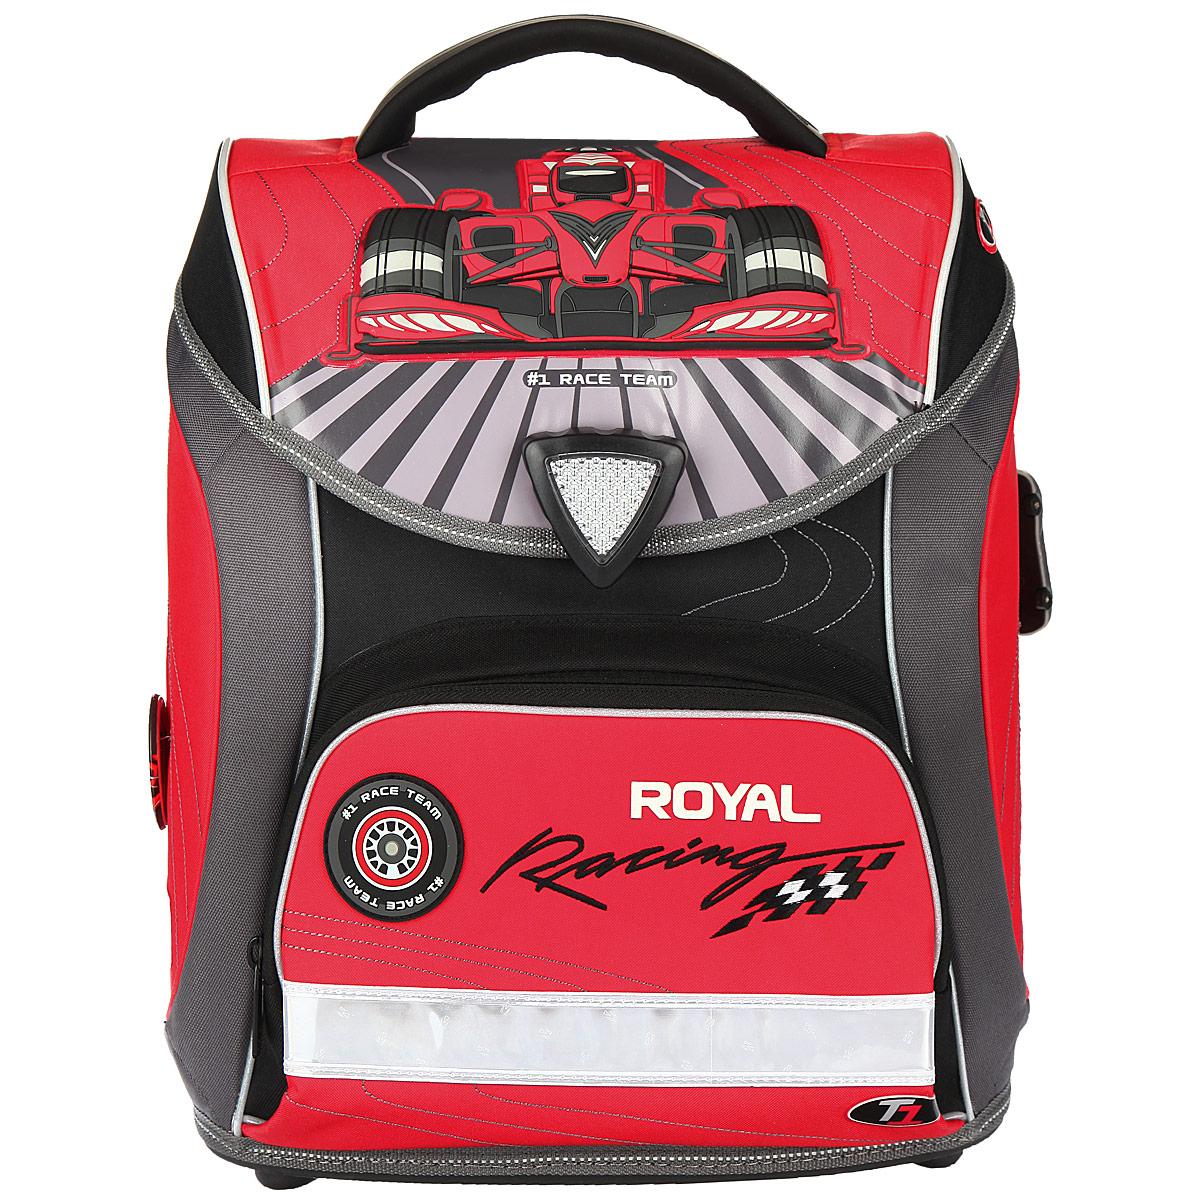 Ранец школьный Hummingbird Royal Racing, цвет: серый, красный, черный. H6 hummingbird ранец bmx rider